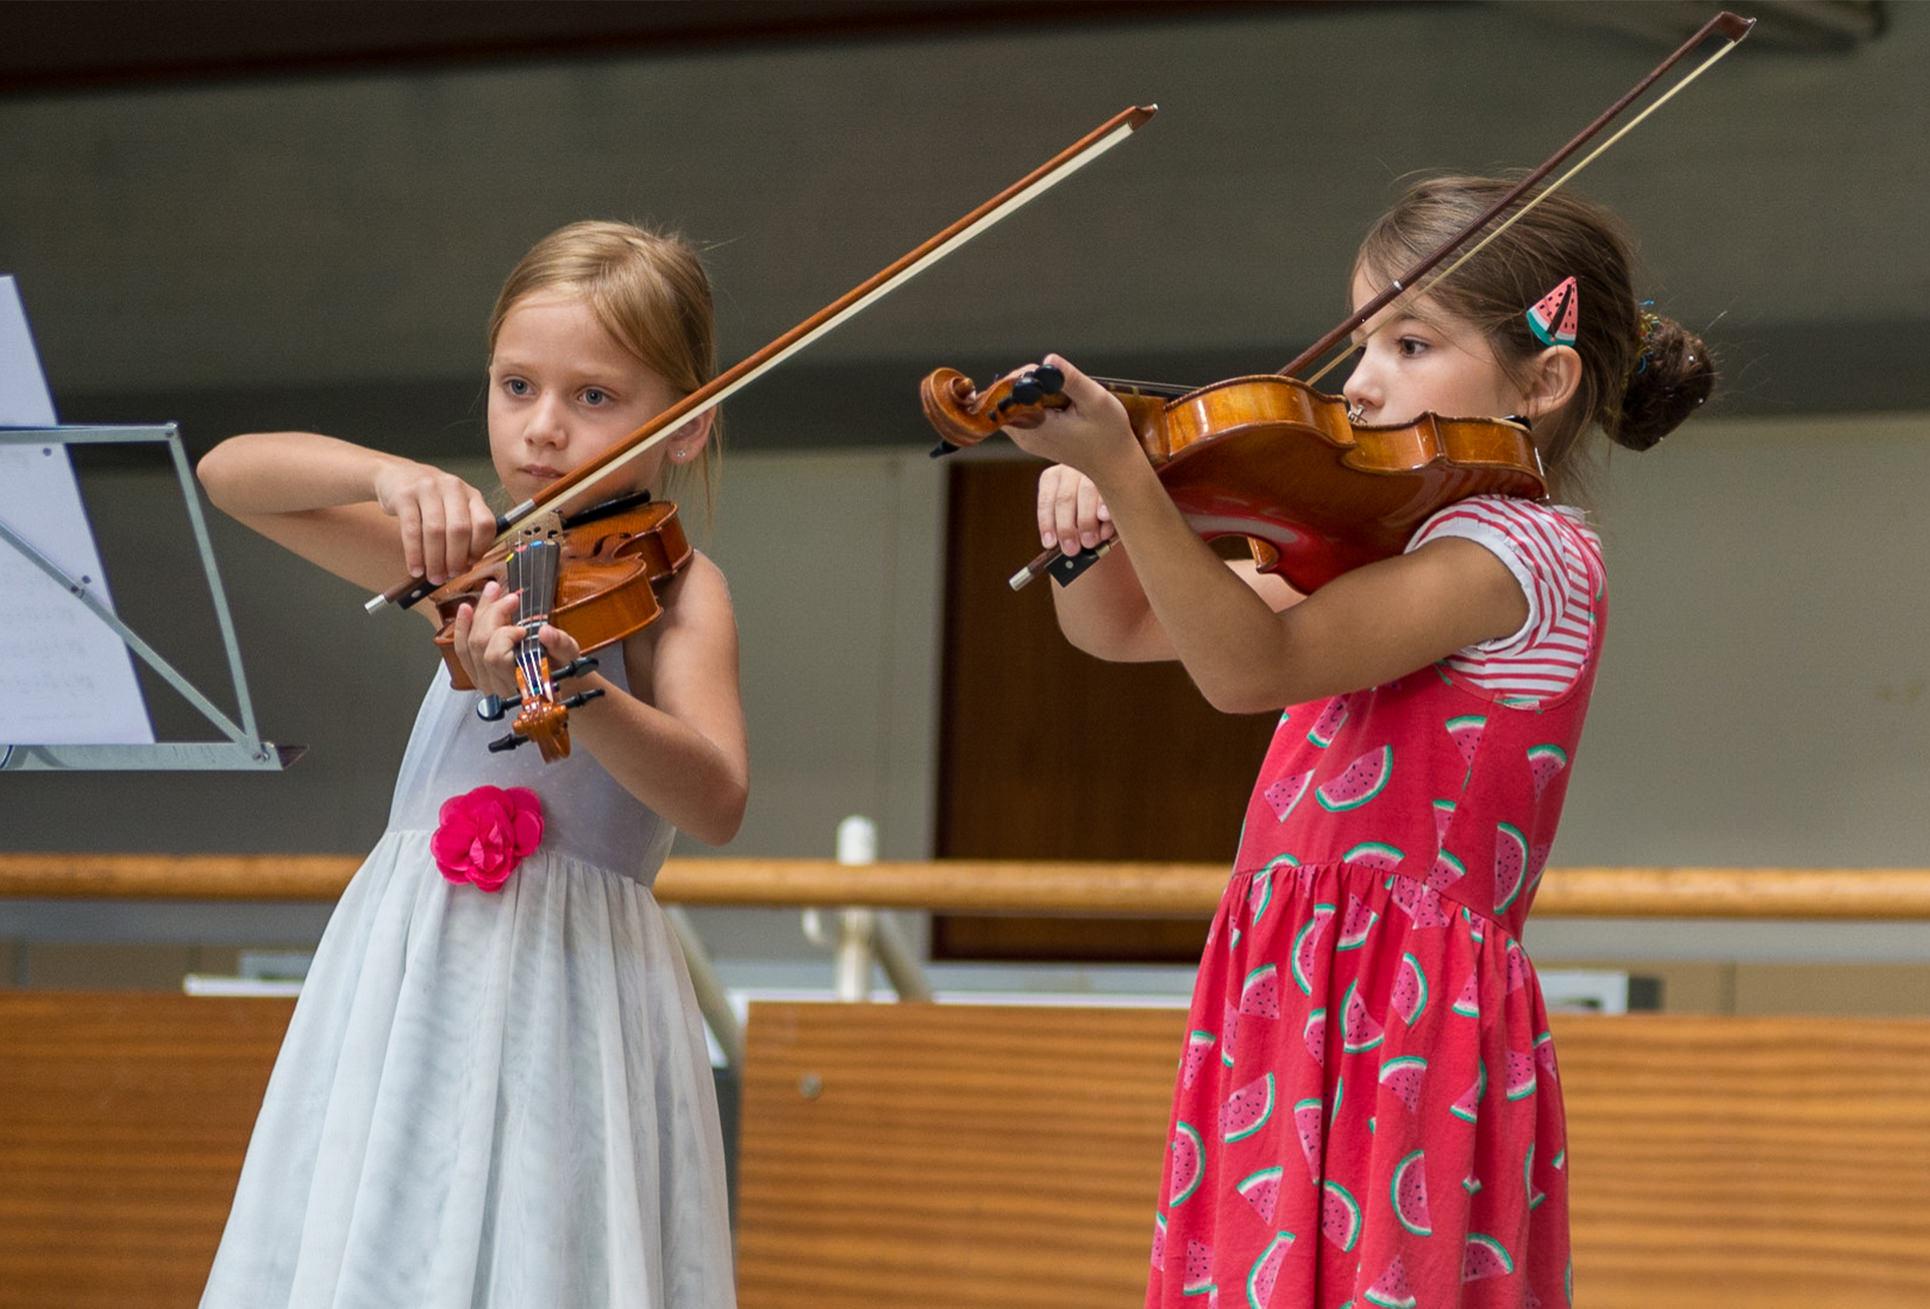 Unsere Angebote - Kinder spielen Violine